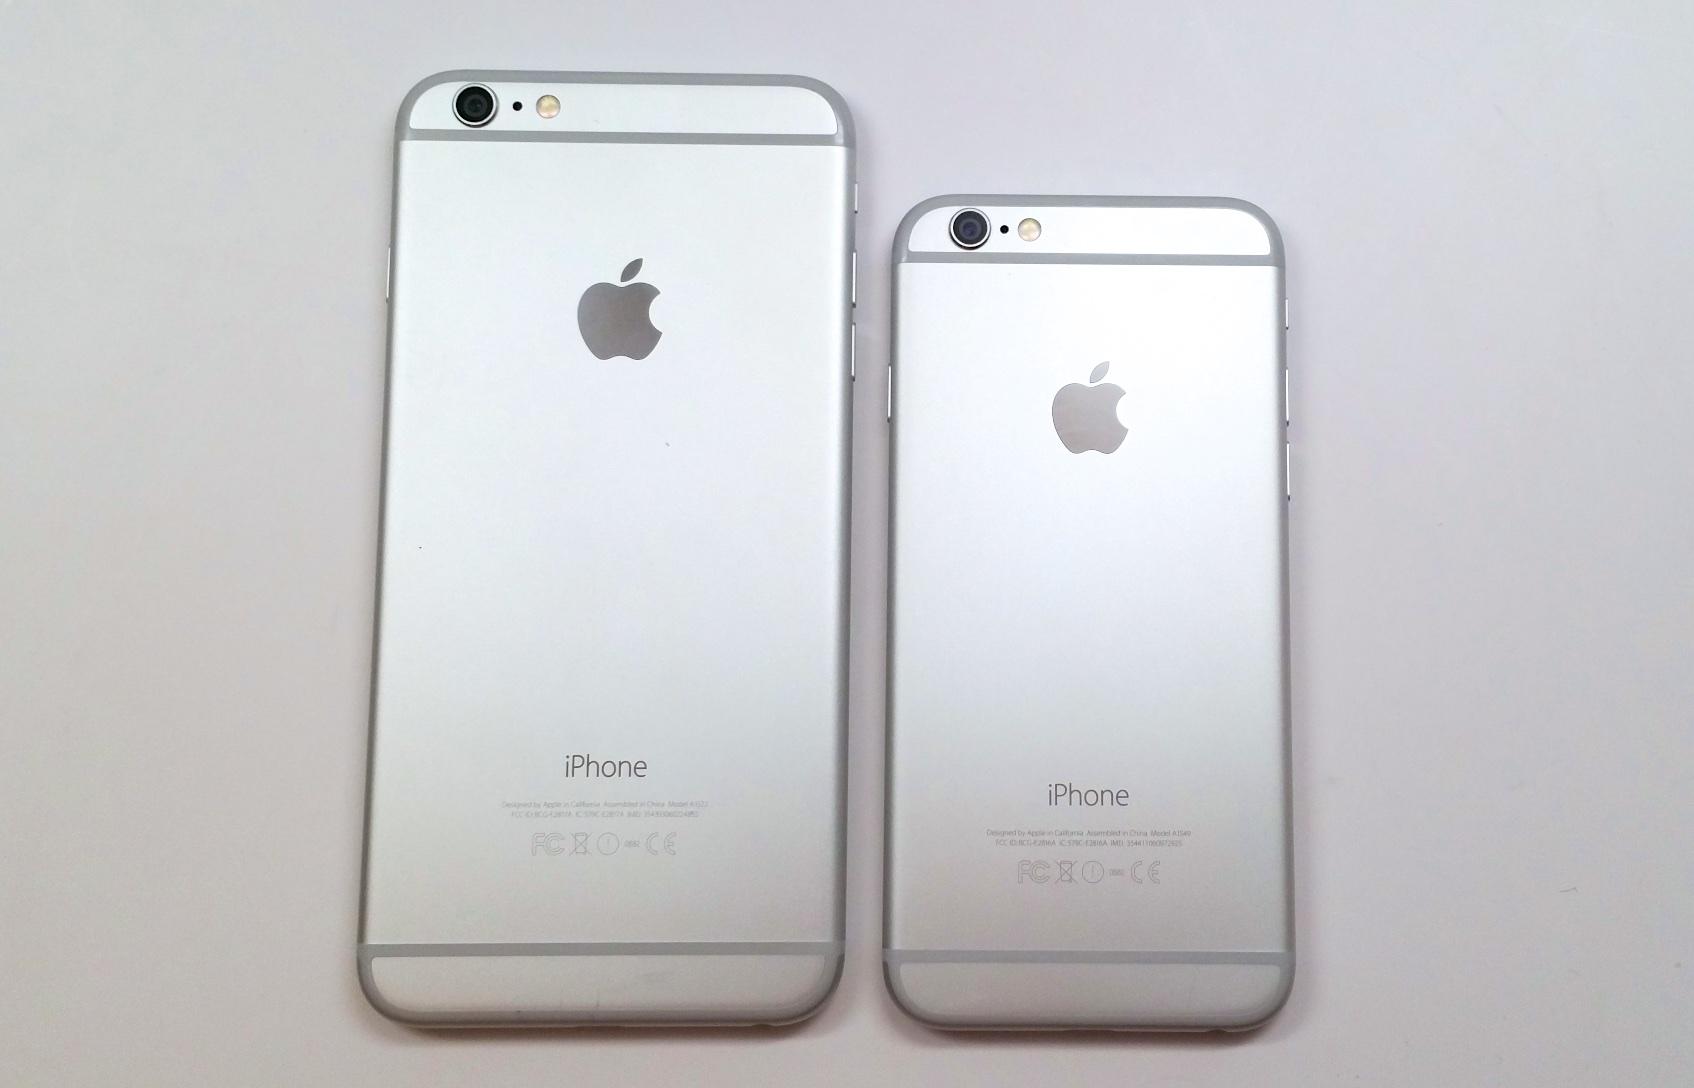 Uppdatering av iPhone 6 Plus iOS 8.4.1 - 1